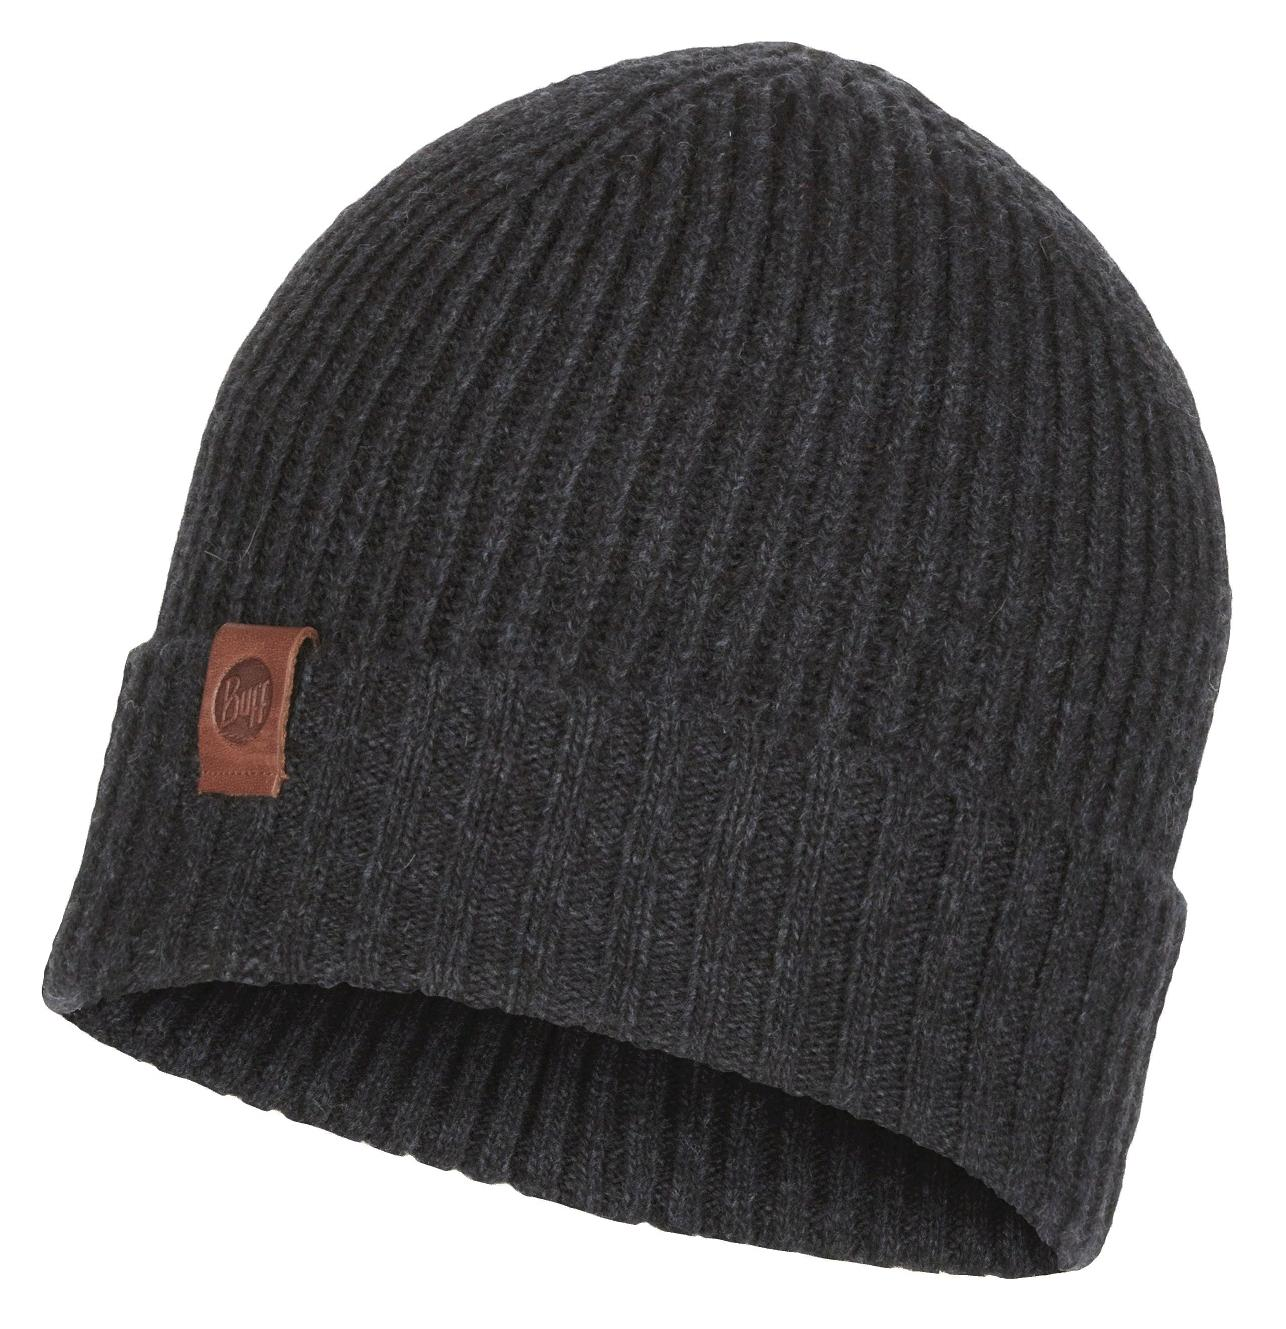 Шапка Buff Knitted Hat Biorn Dark Denim